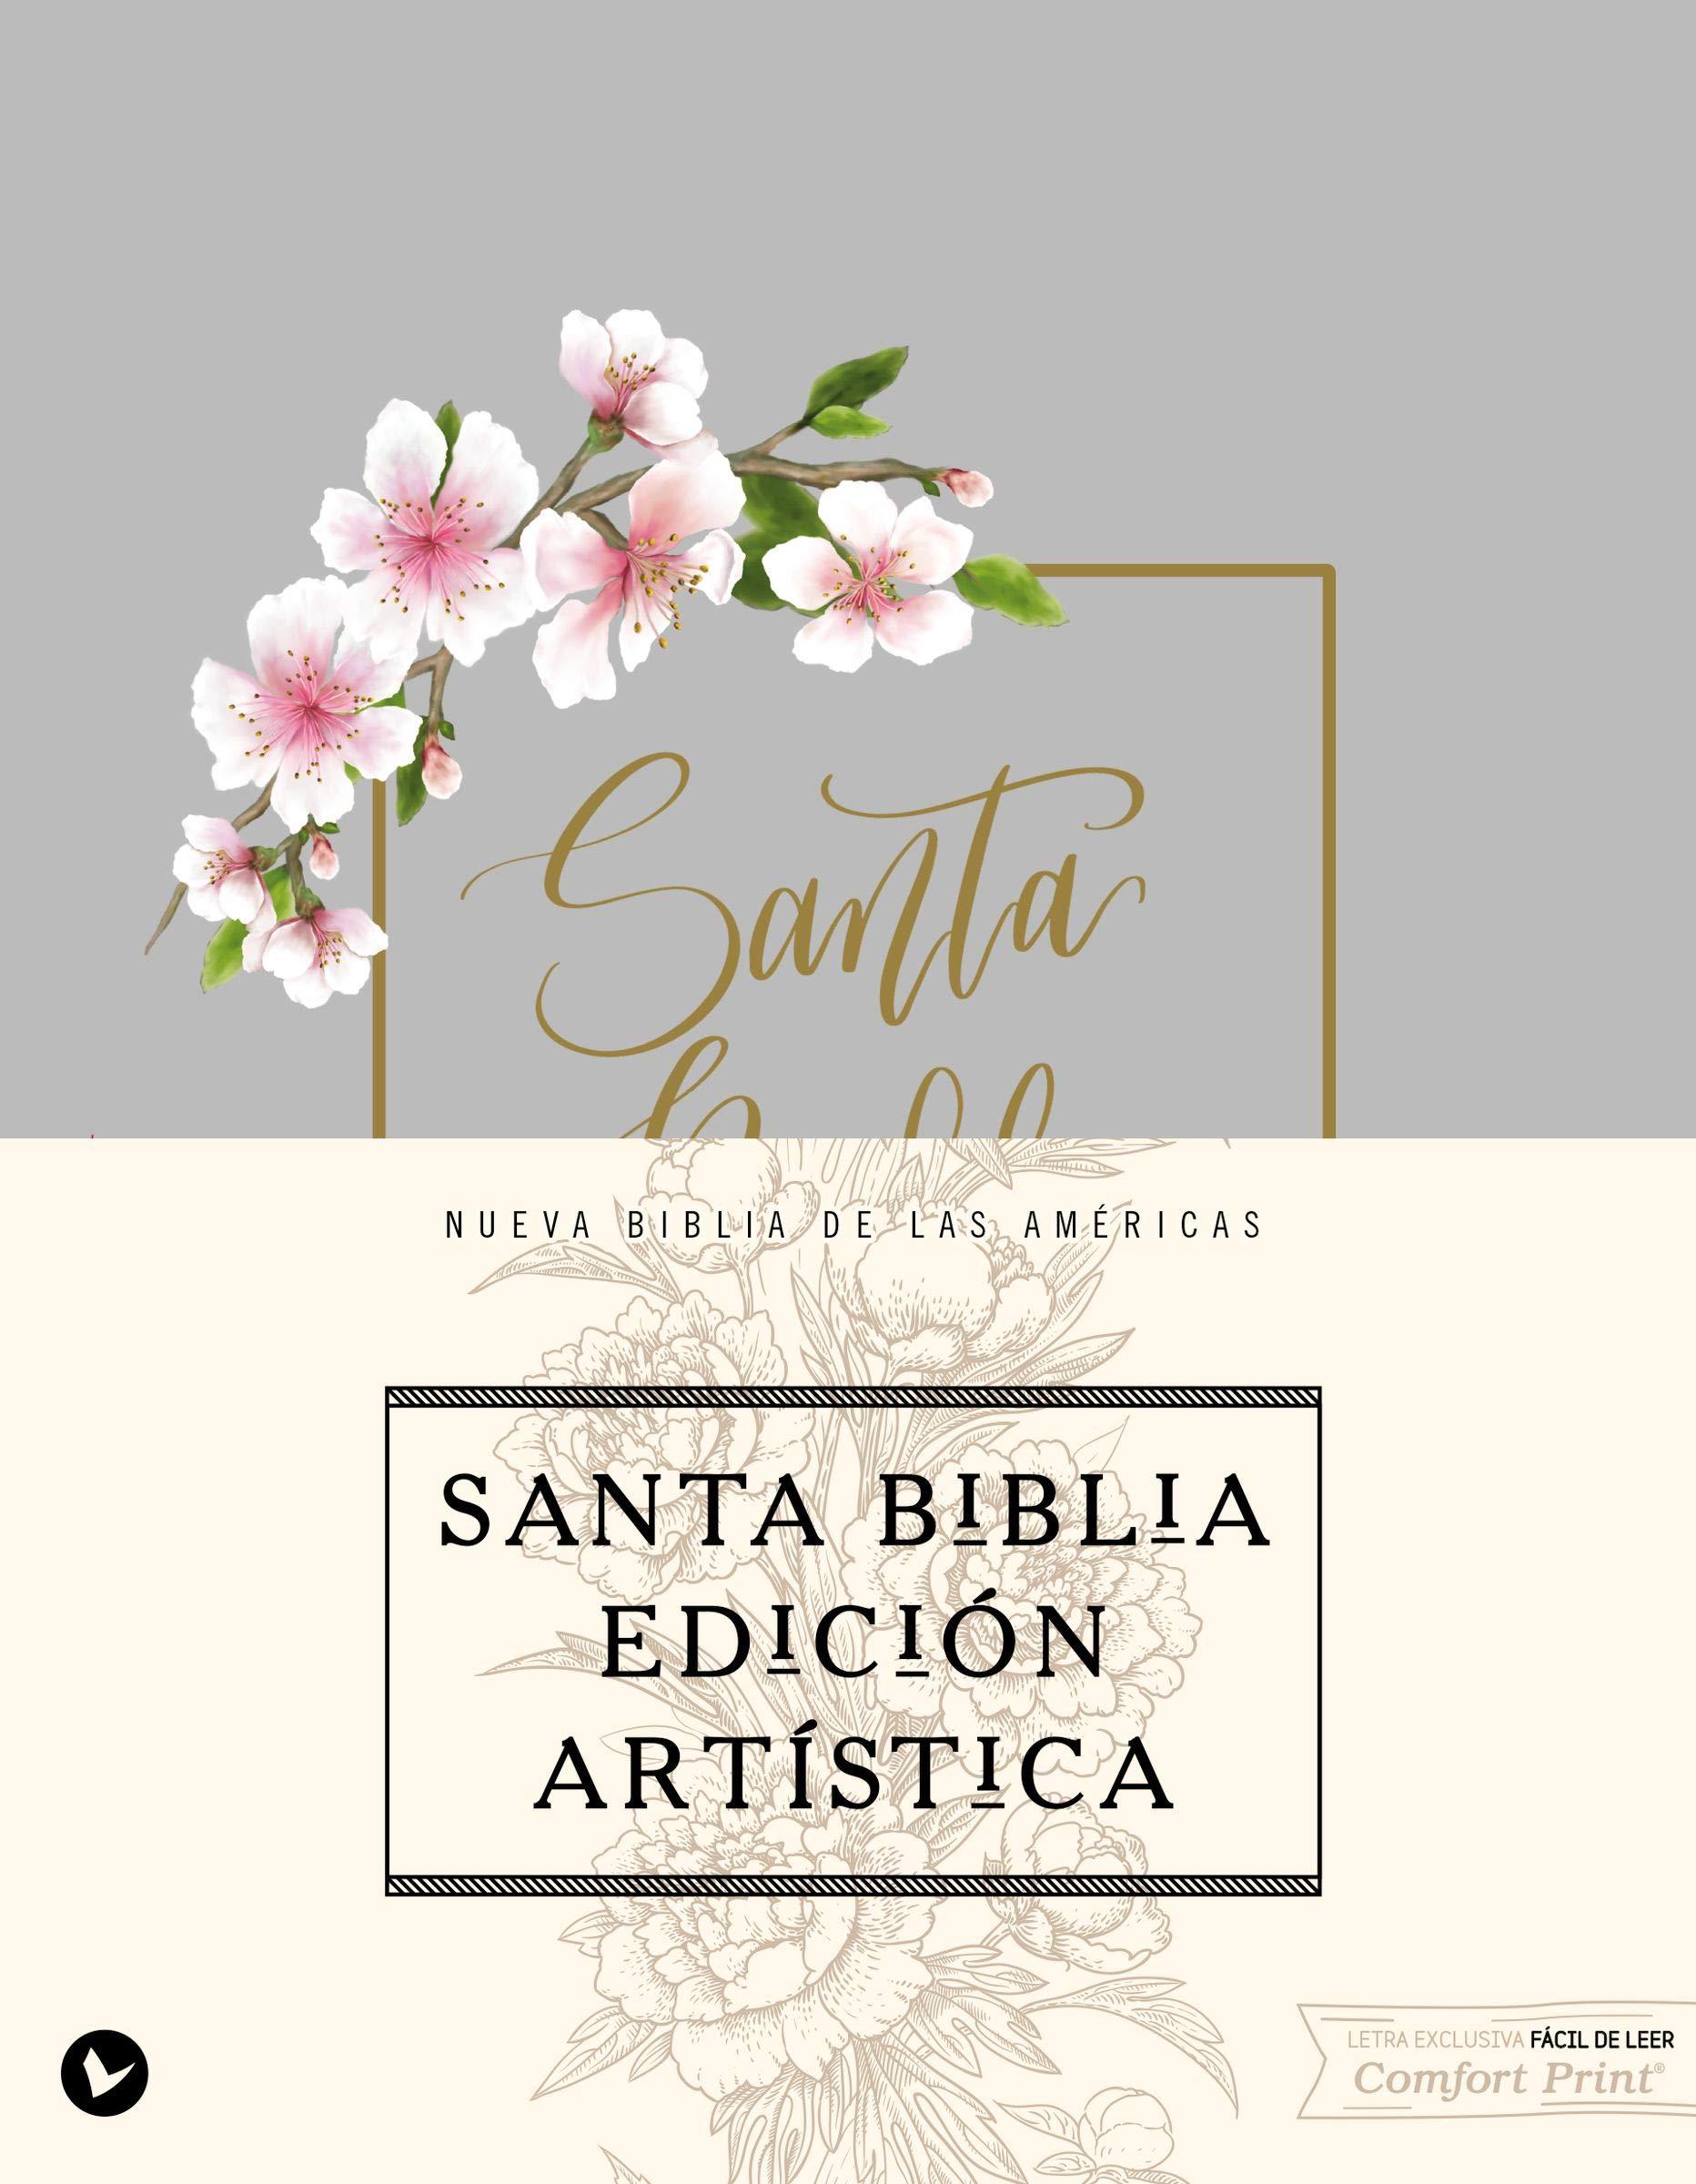 Santa Biblia NBLA Edición Artística